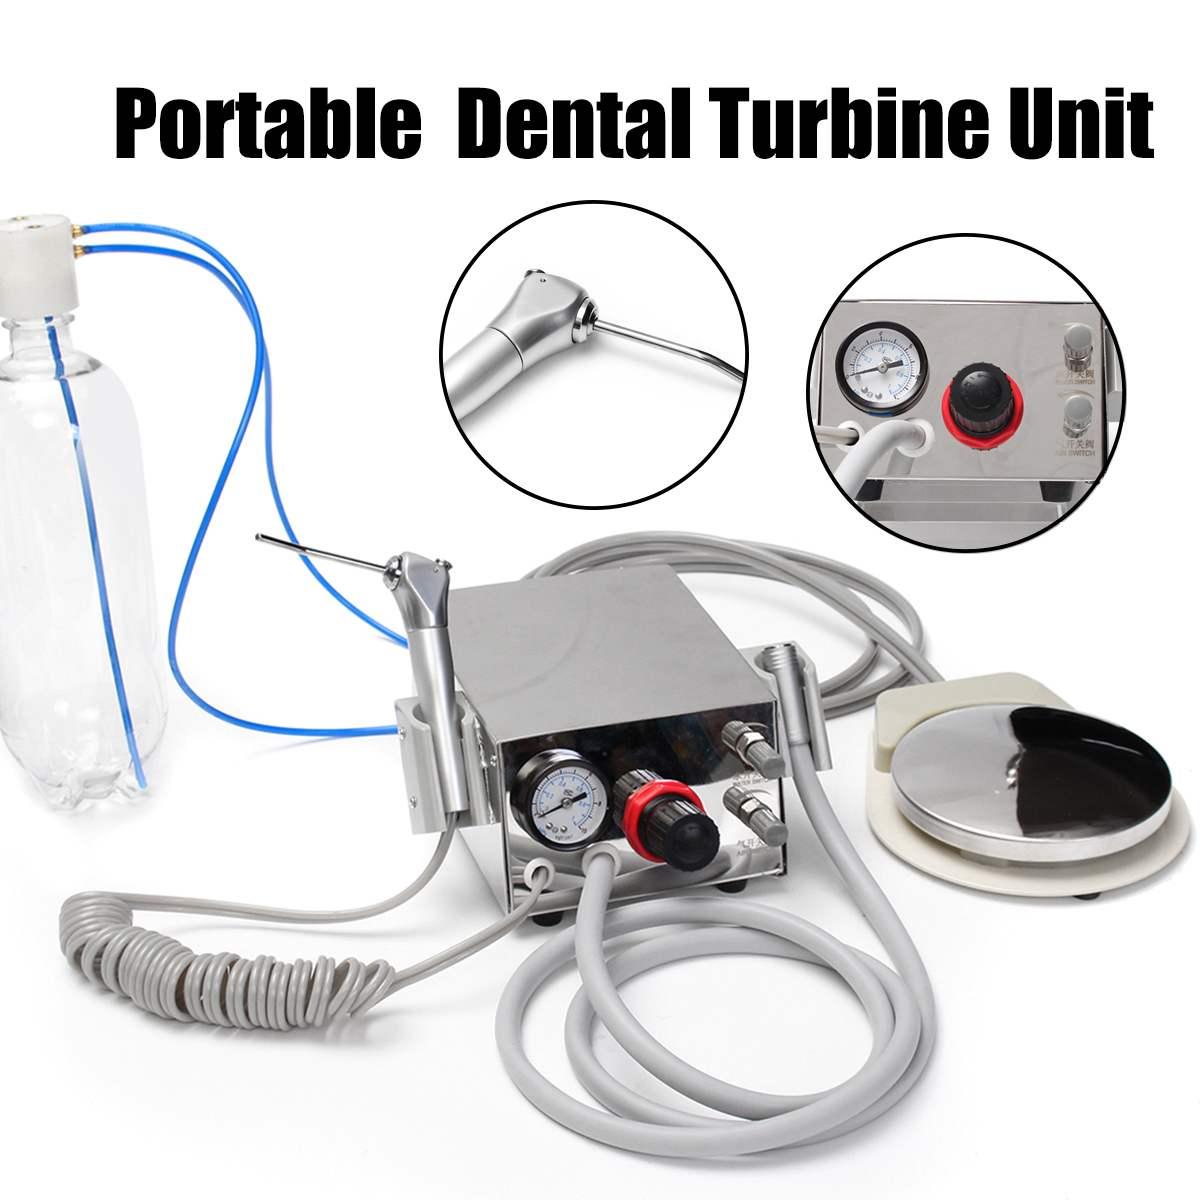 Портативный Стоматологический Ирригатор, инструмент для отбеливания зубов